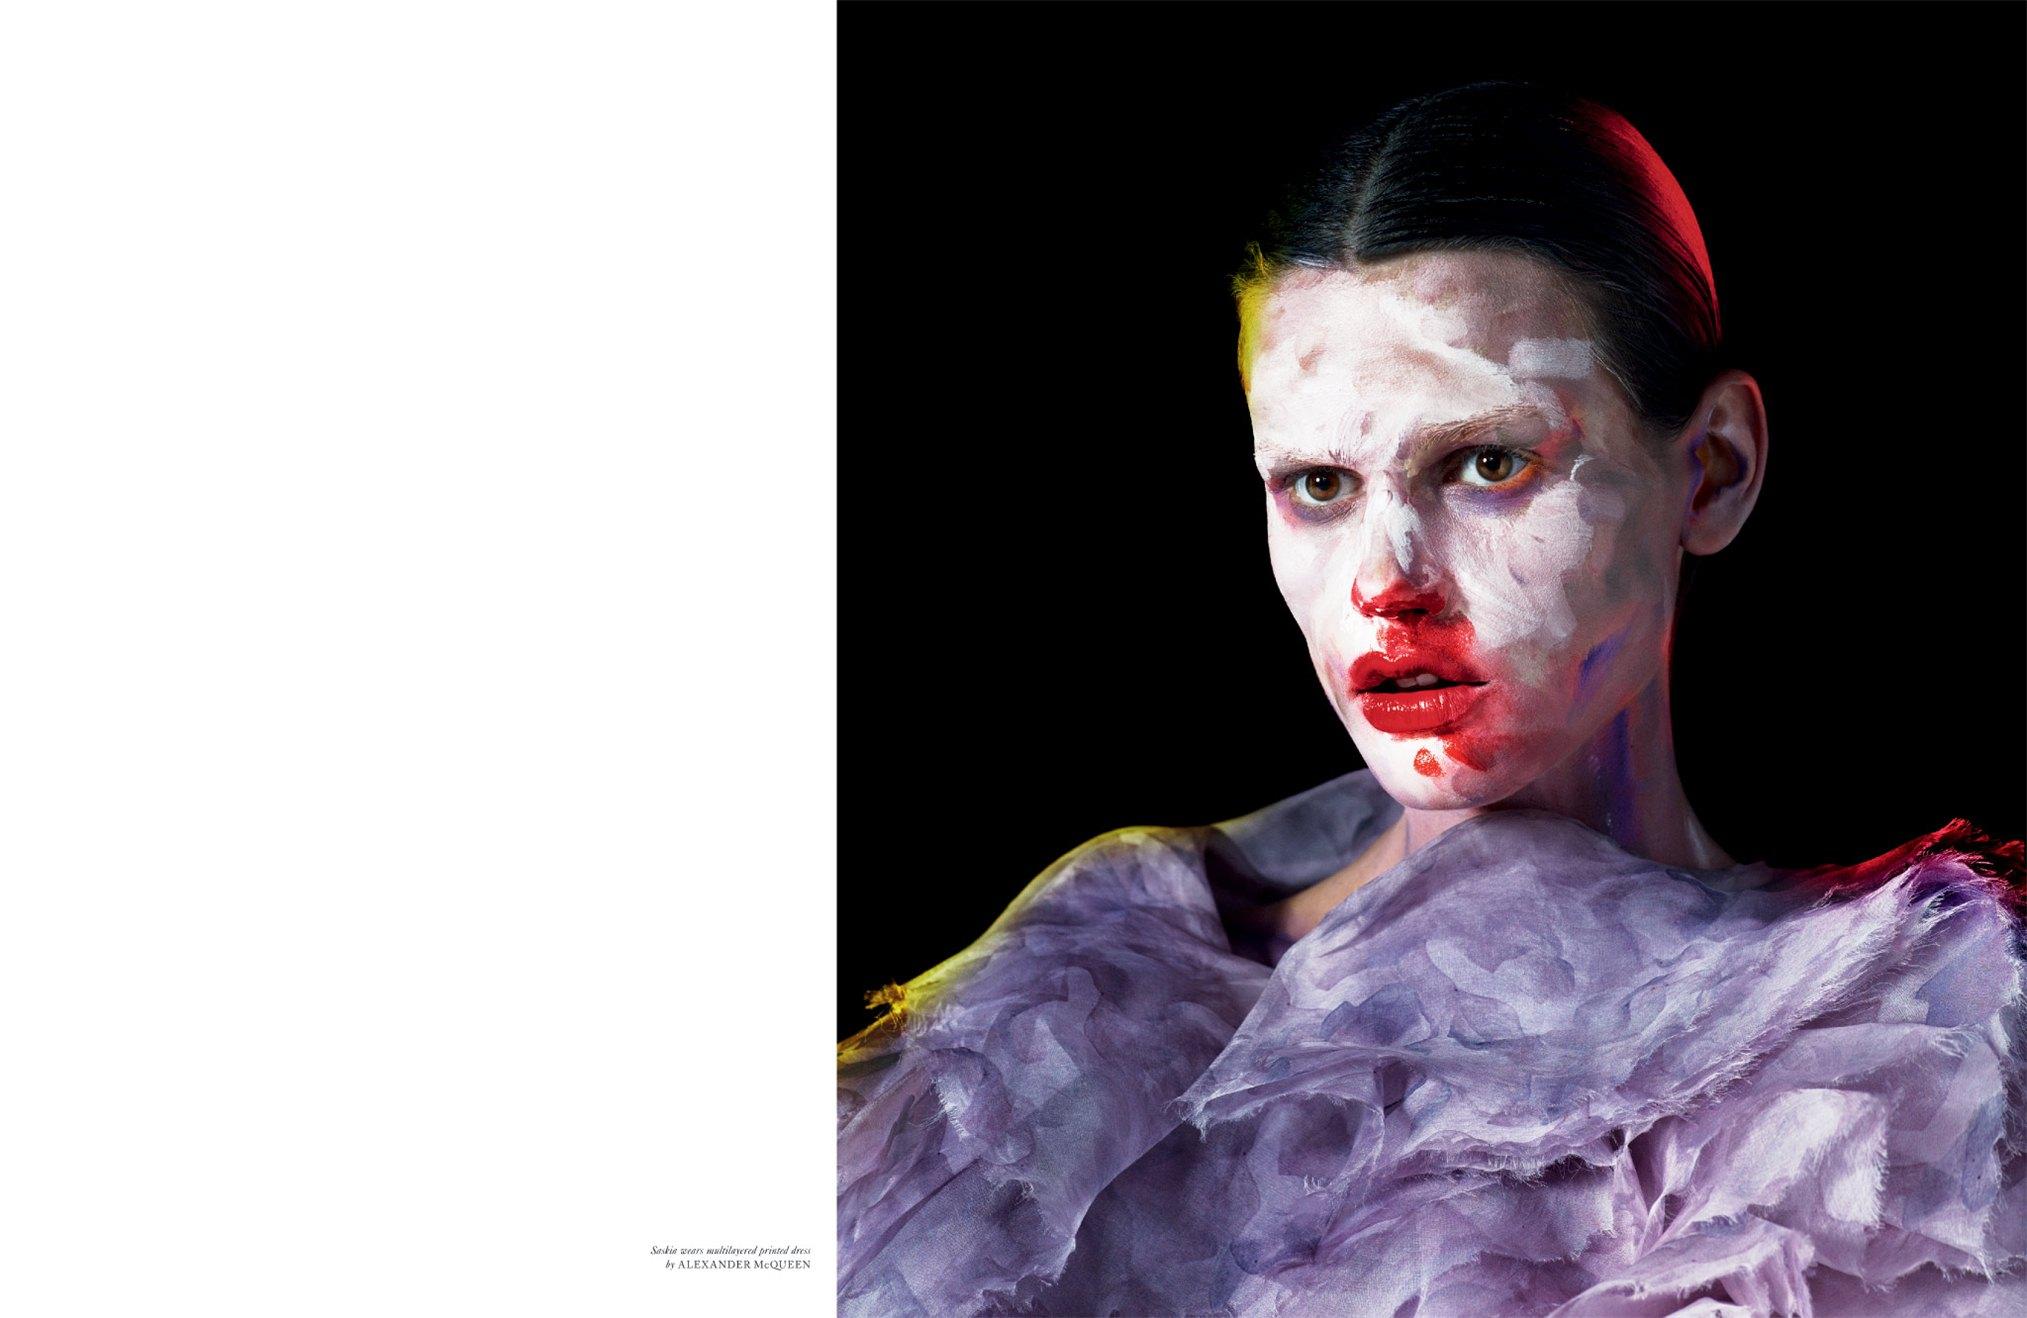 Саския де Бро / Saskia De Brauw - Fawnicate by Mert - Marcus in LOVE Magazine fall-winter 2012